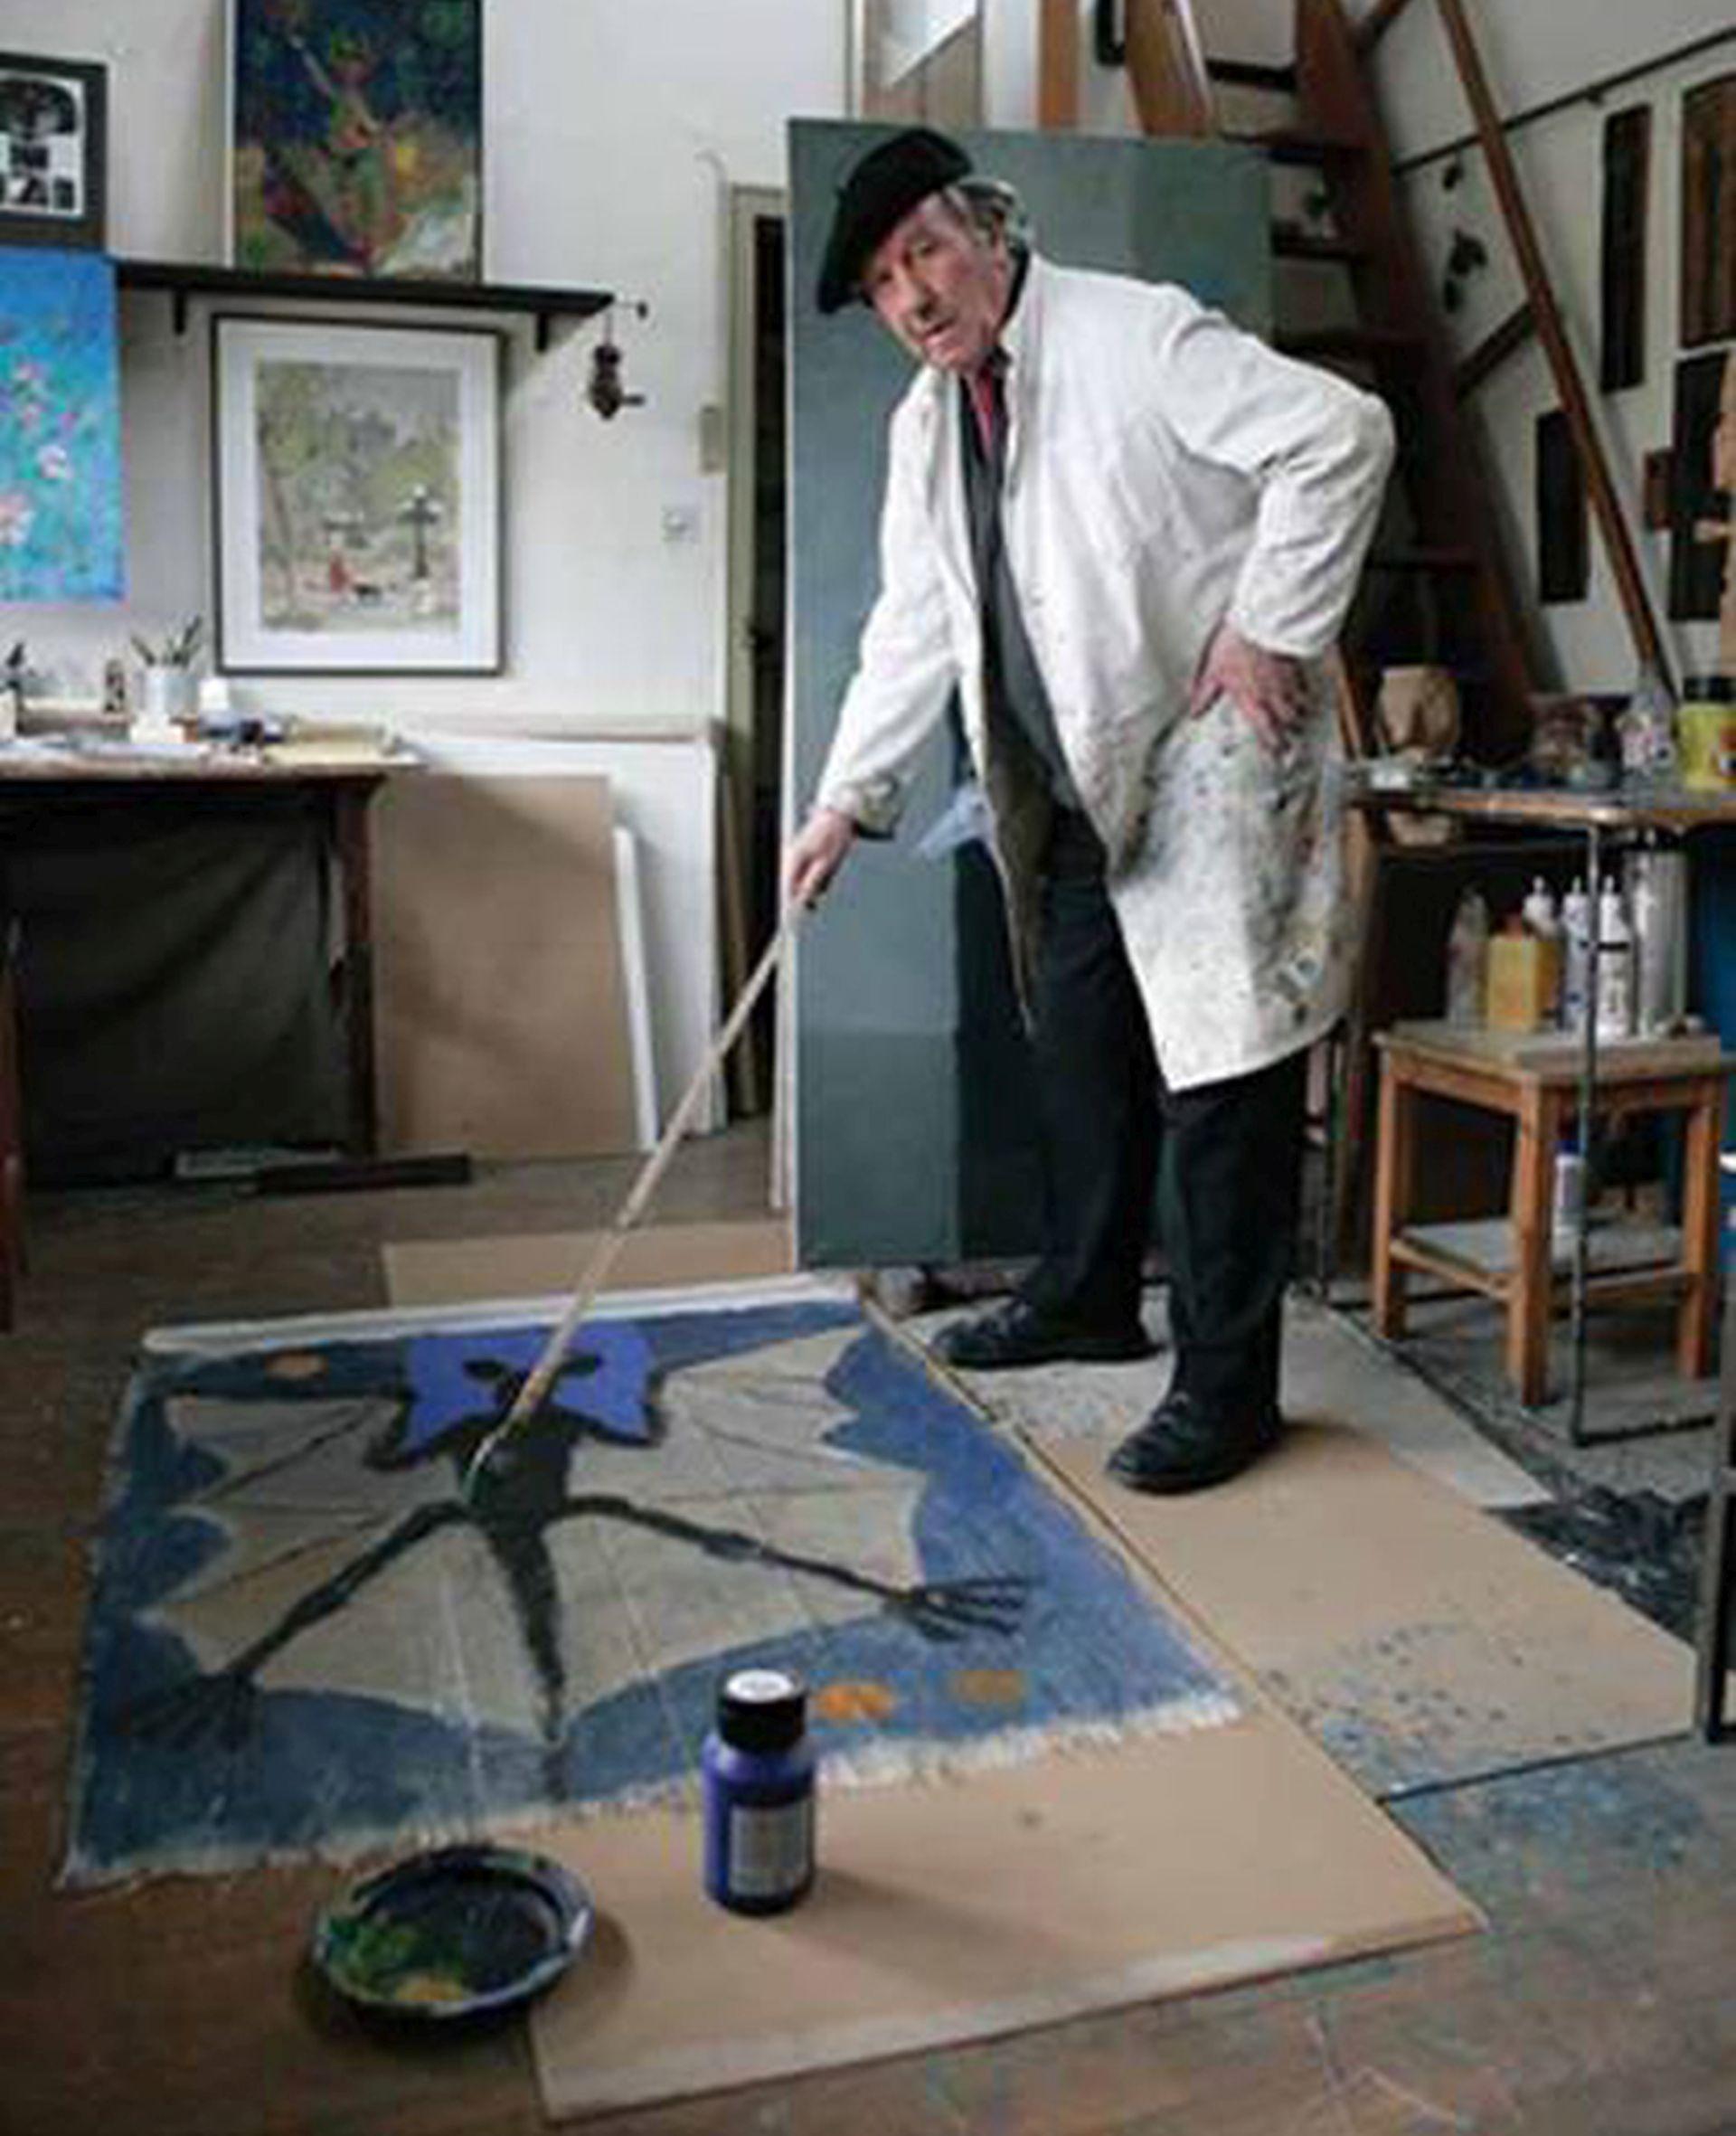 Umro akademski slikar i likovni pedagog Josip Roca